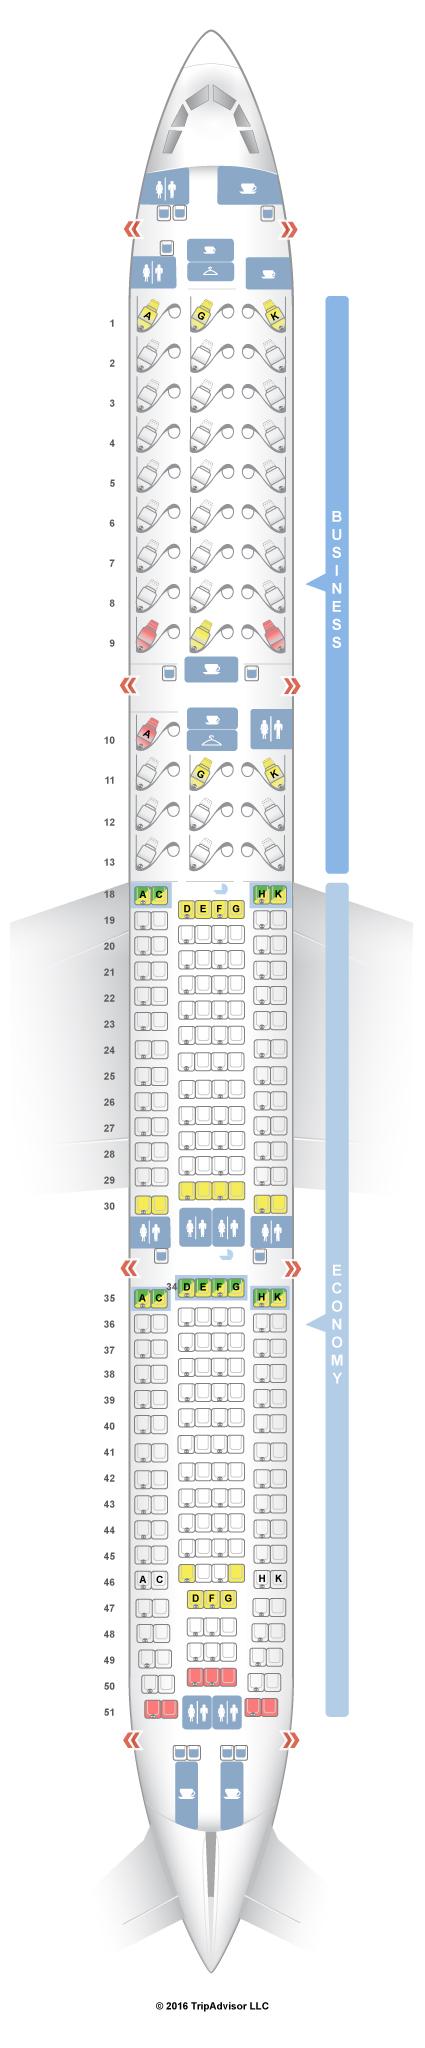 Seatguru seat map air canada airbus a330 300 333 v1 for Air canada pet in cabin